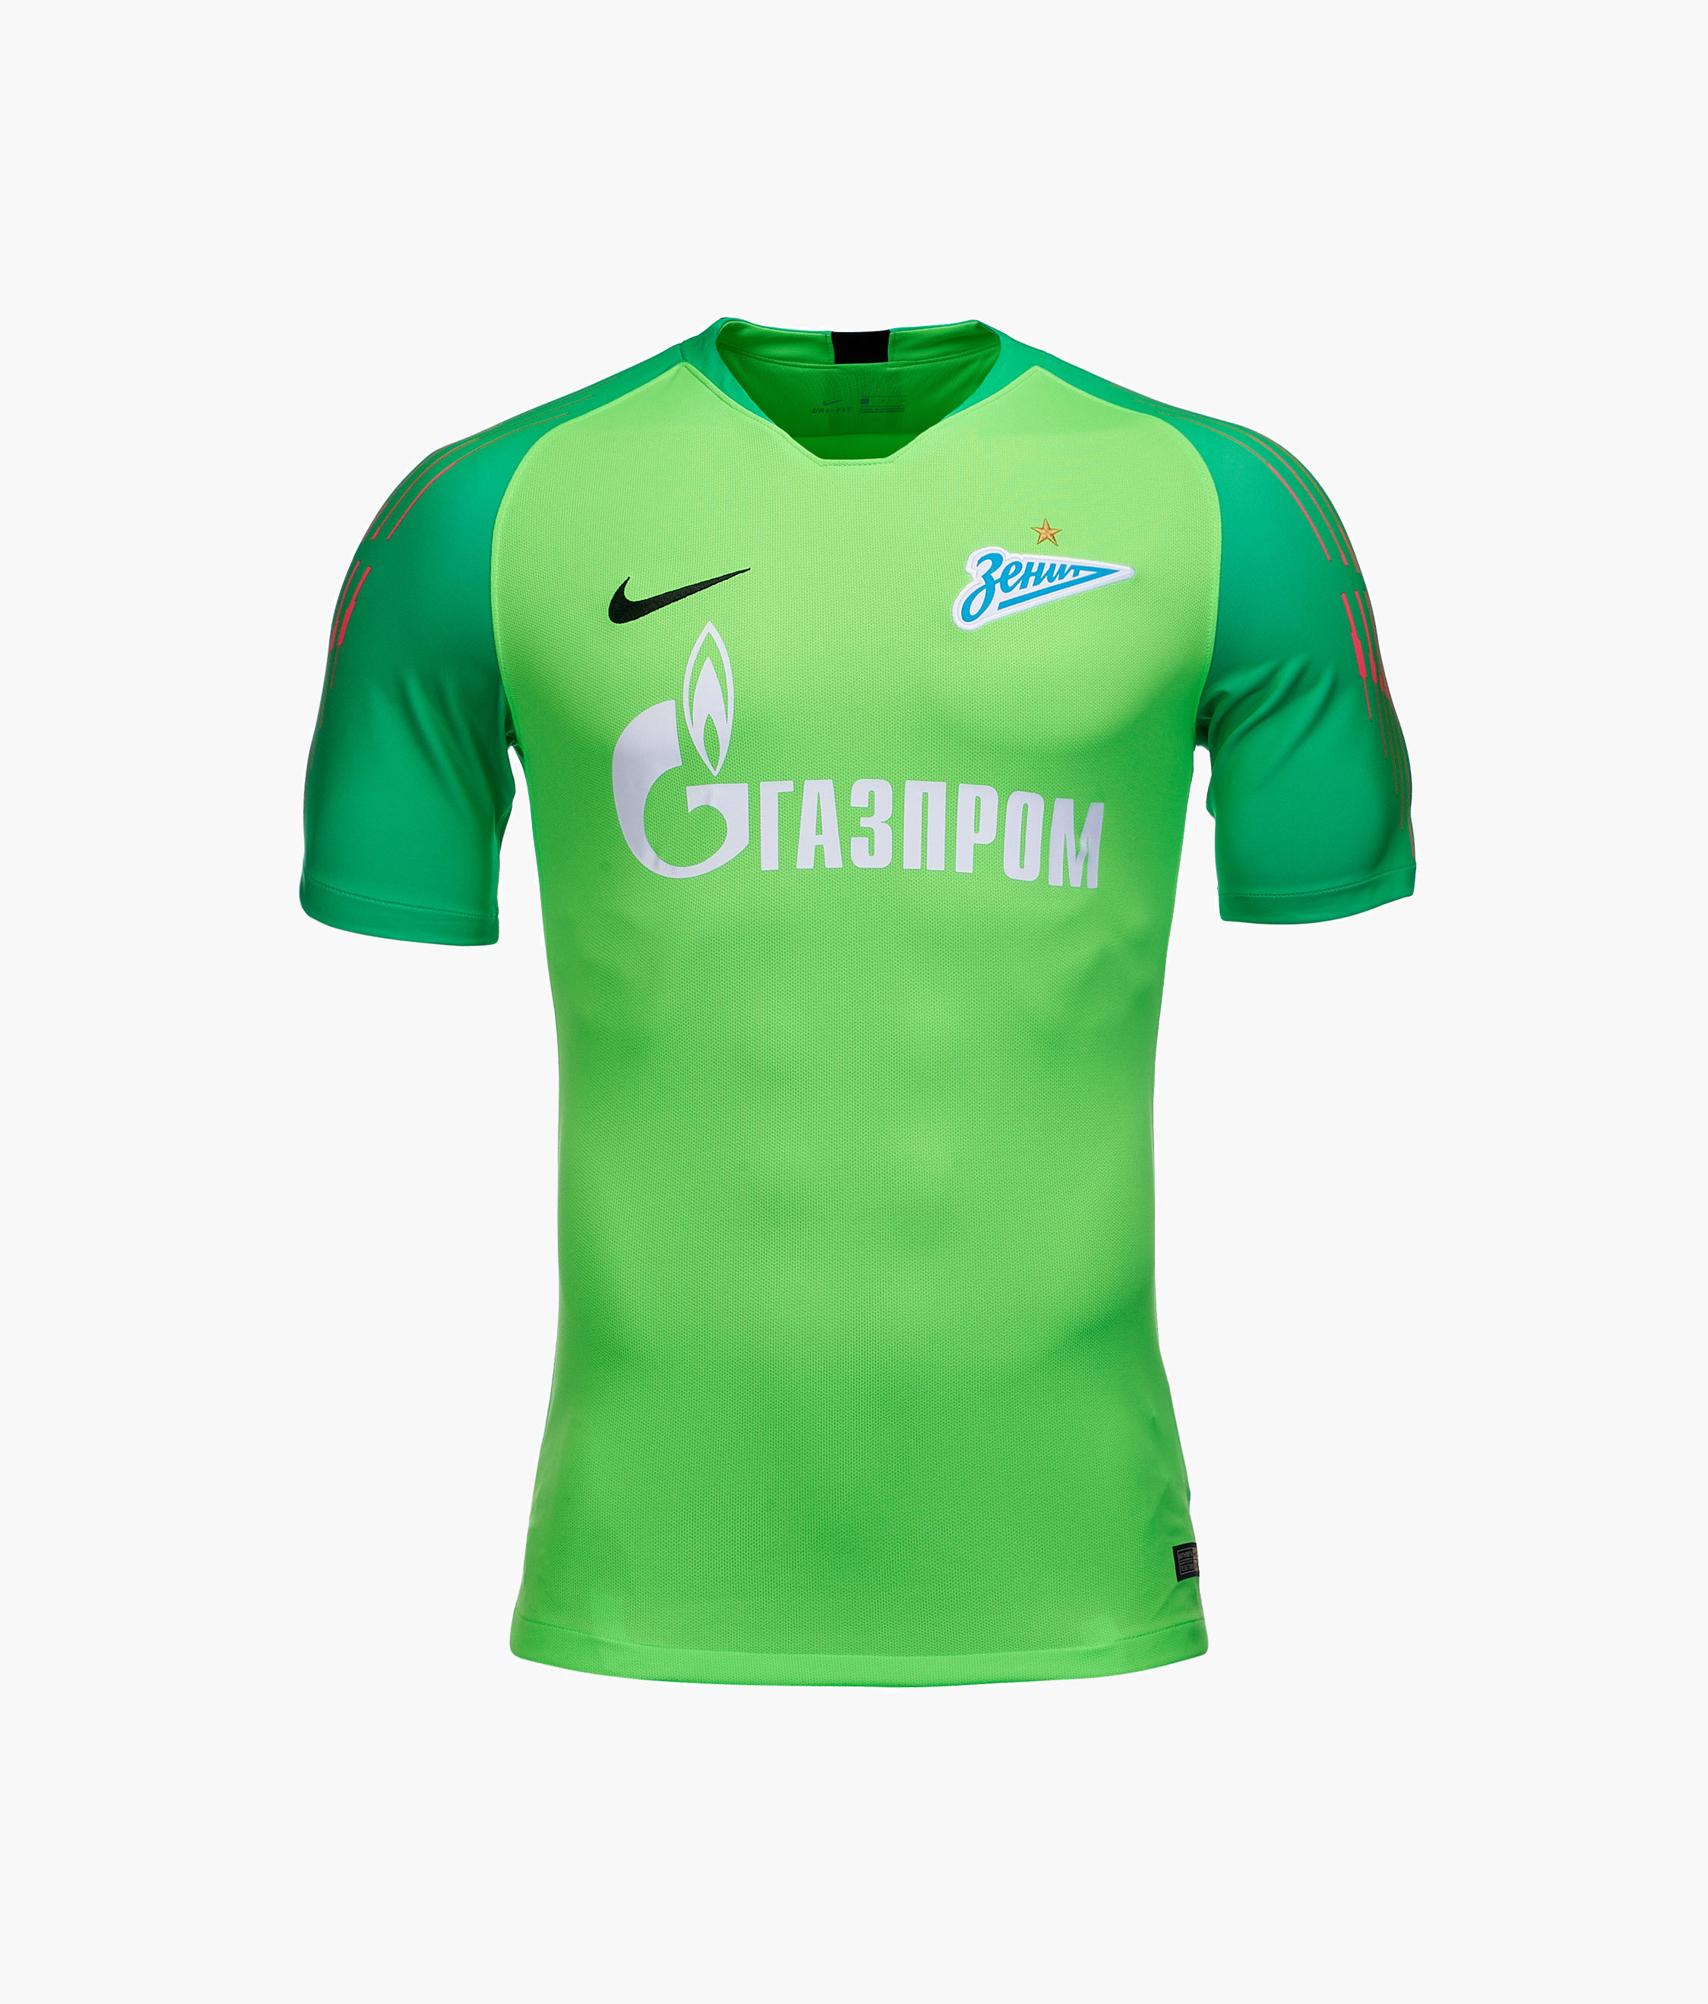 Футболка вратарская сезона 2018/2019 Nike Цвет-Зеленый